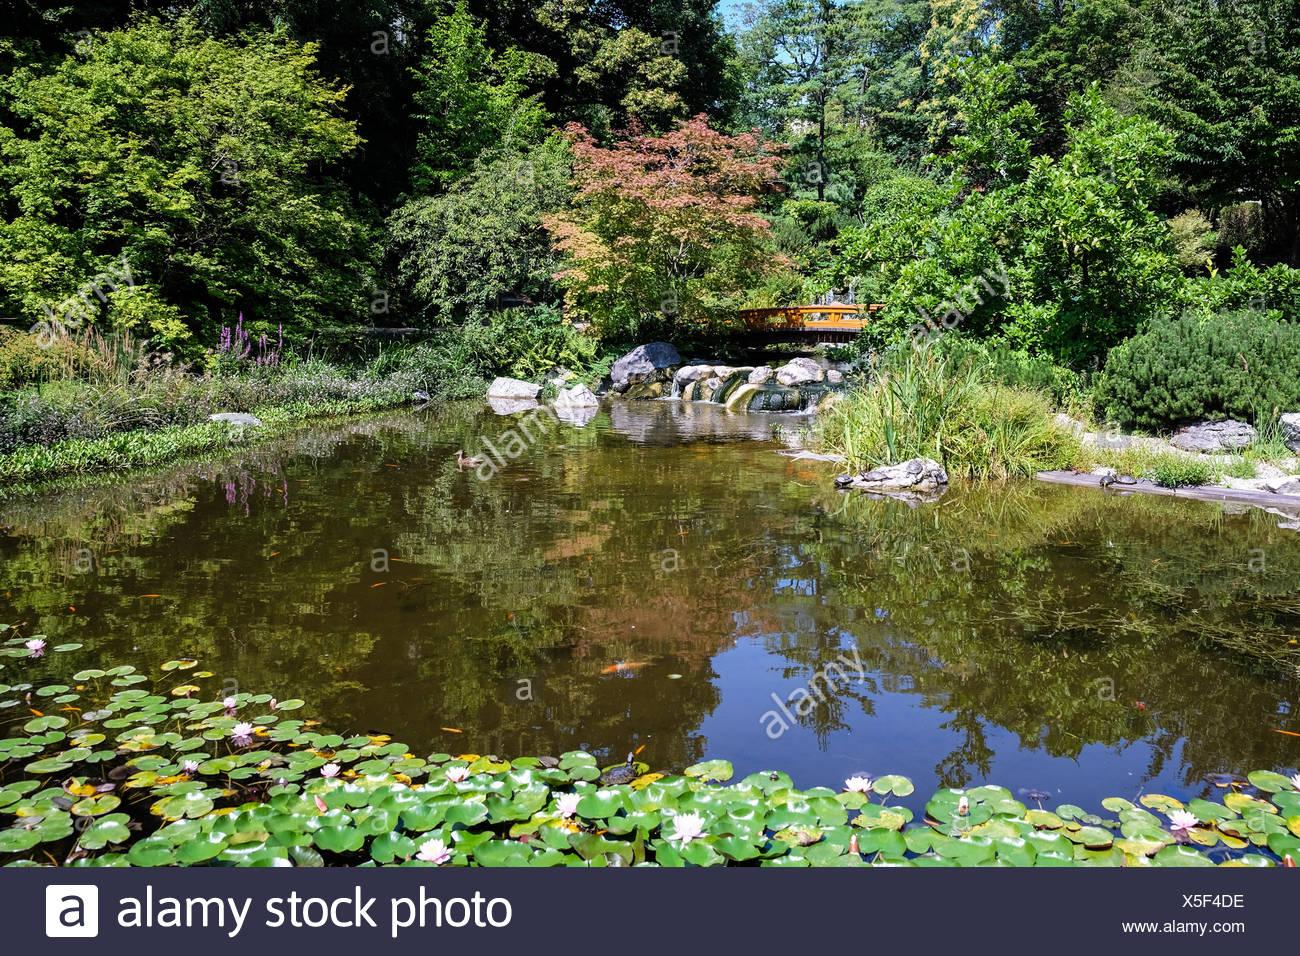 Japanischer Garten, Landschaft Mit Teich Und Pflanzen